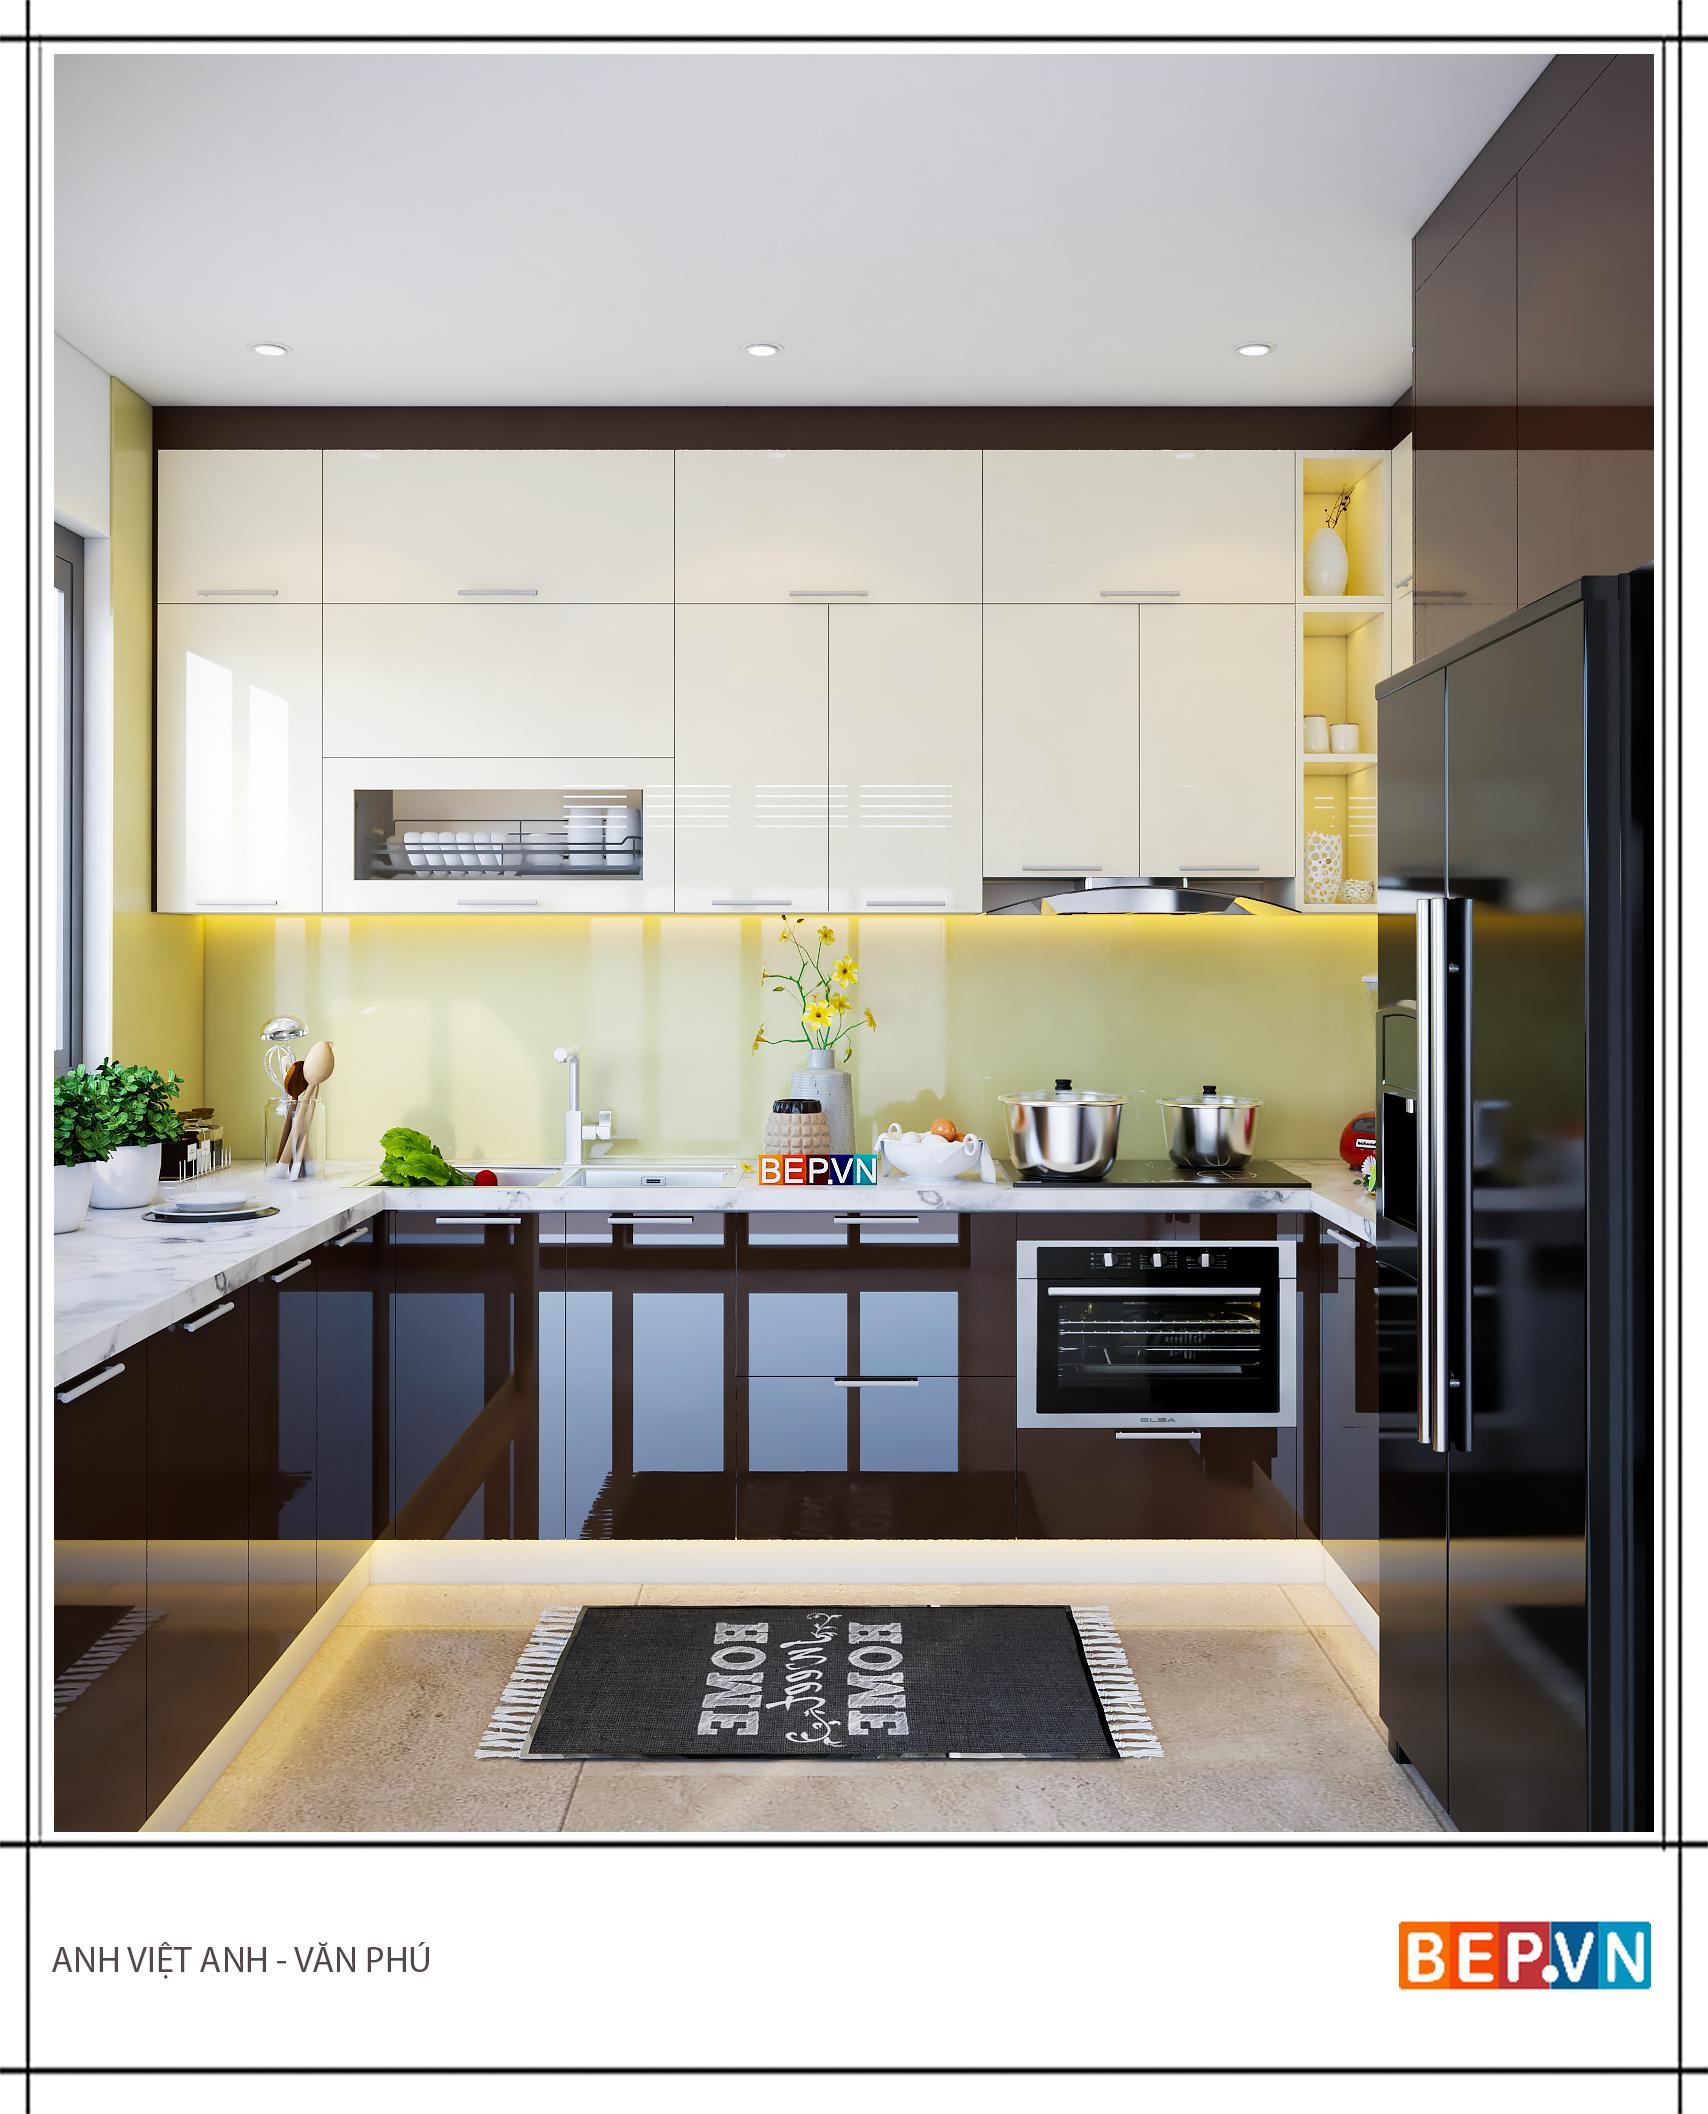 Tủ bếp Acrylic là gì? Tại sao nên sử dụng tủ bếp Acrylic?